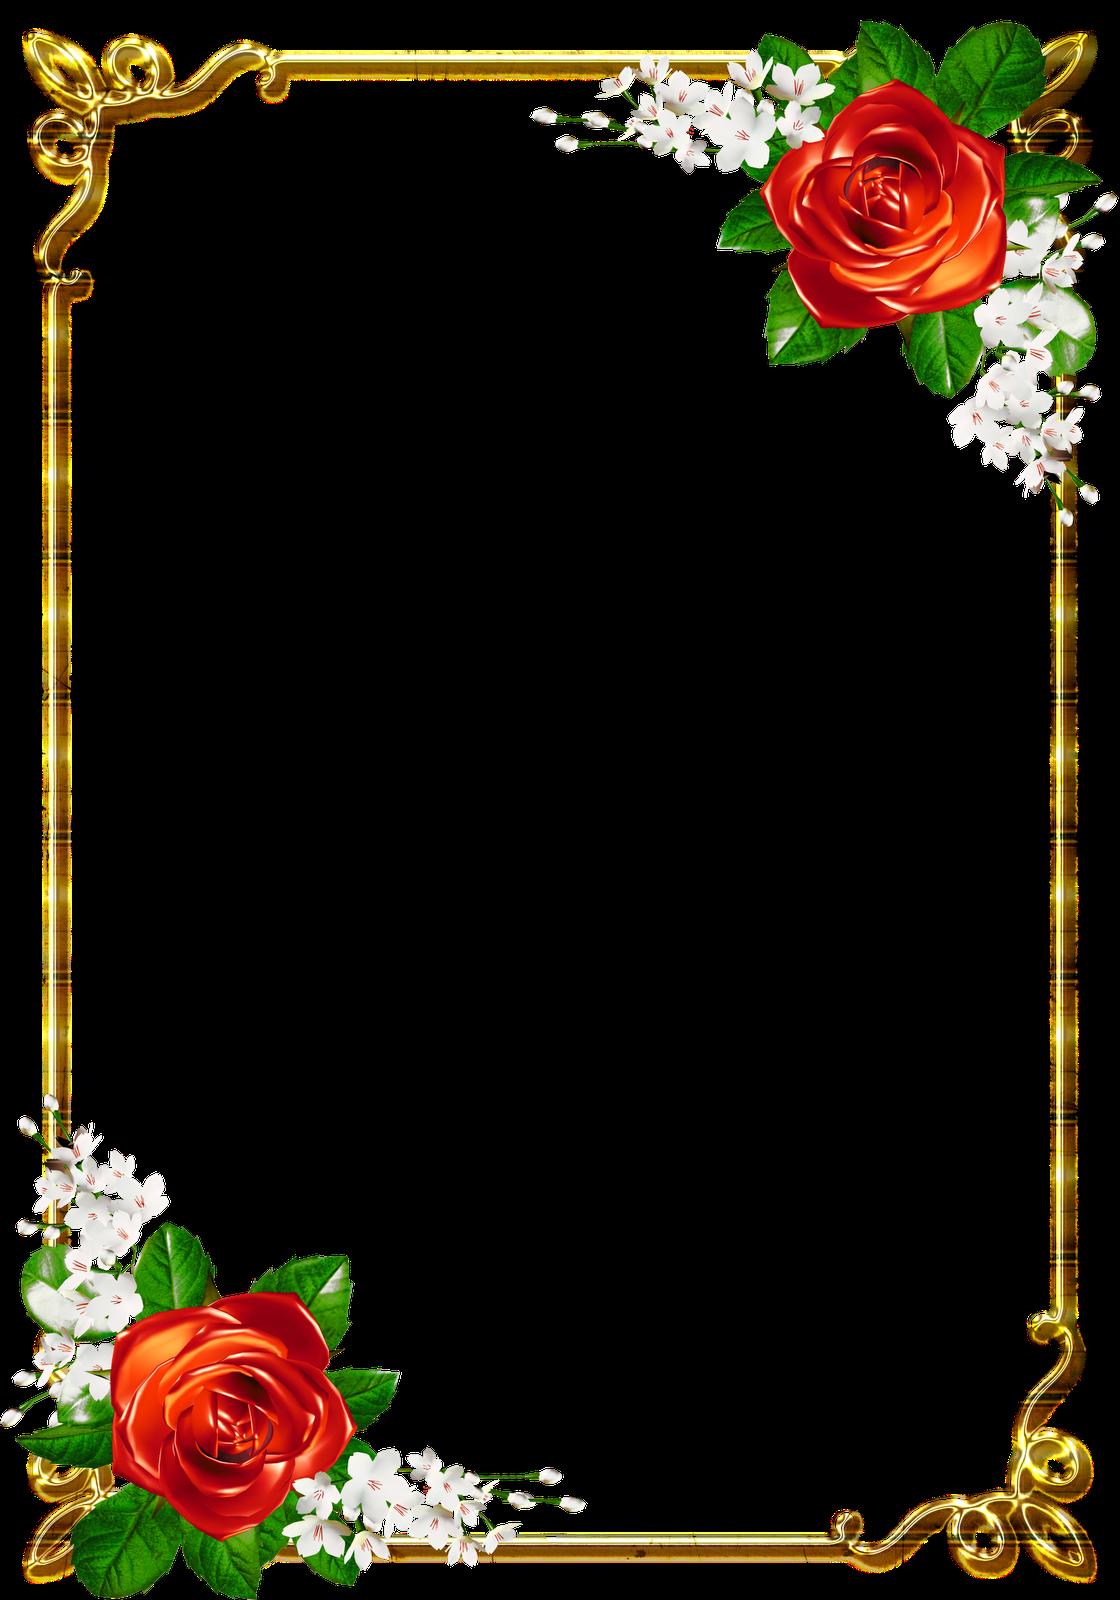 frames png douradas com rosa vermelhas